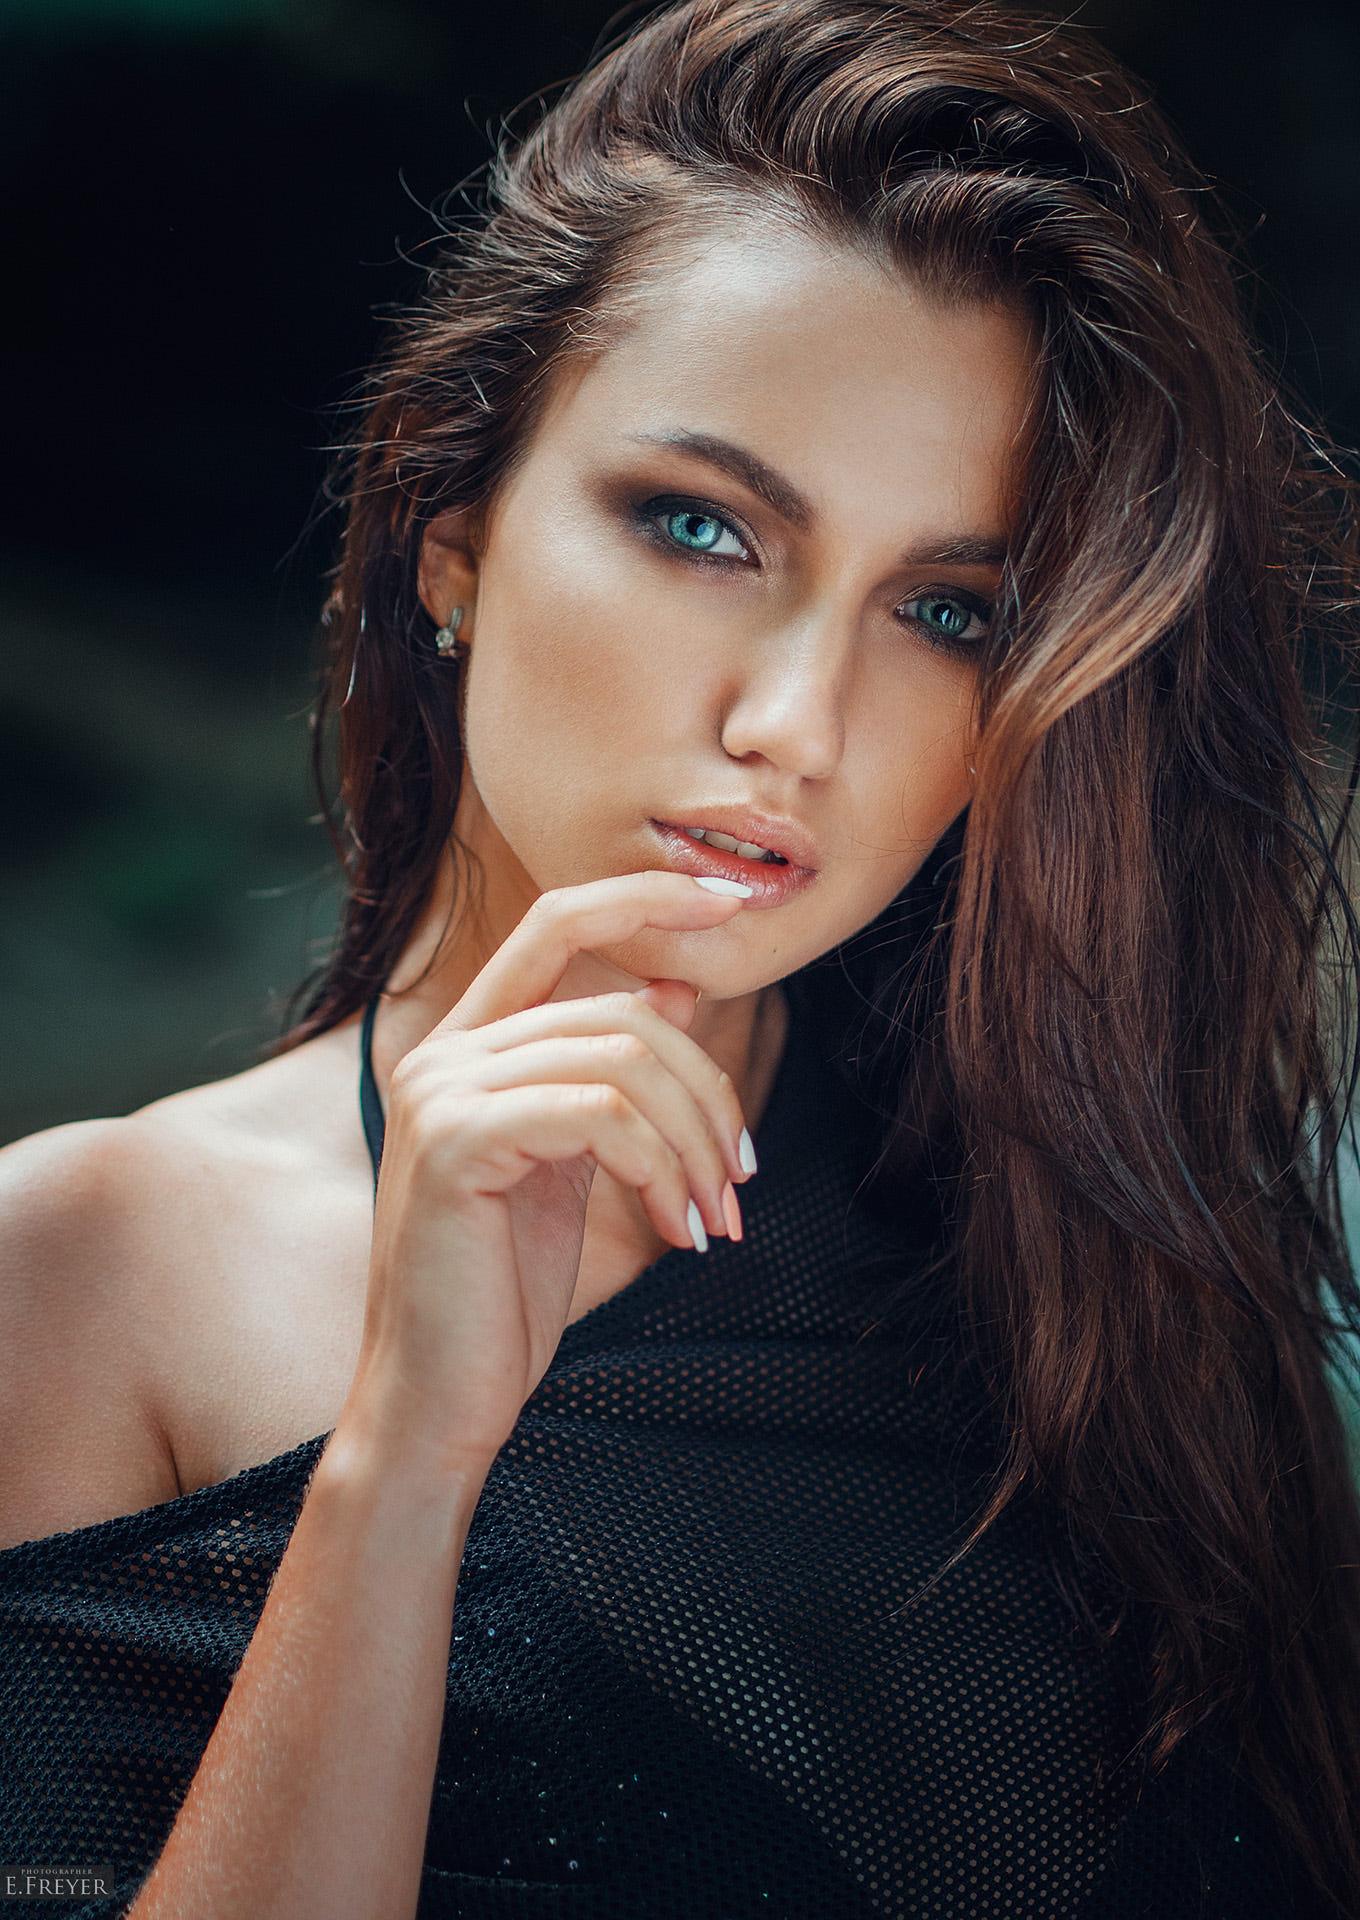 Katya By Evgeny Freyer Photo 221899887 500px